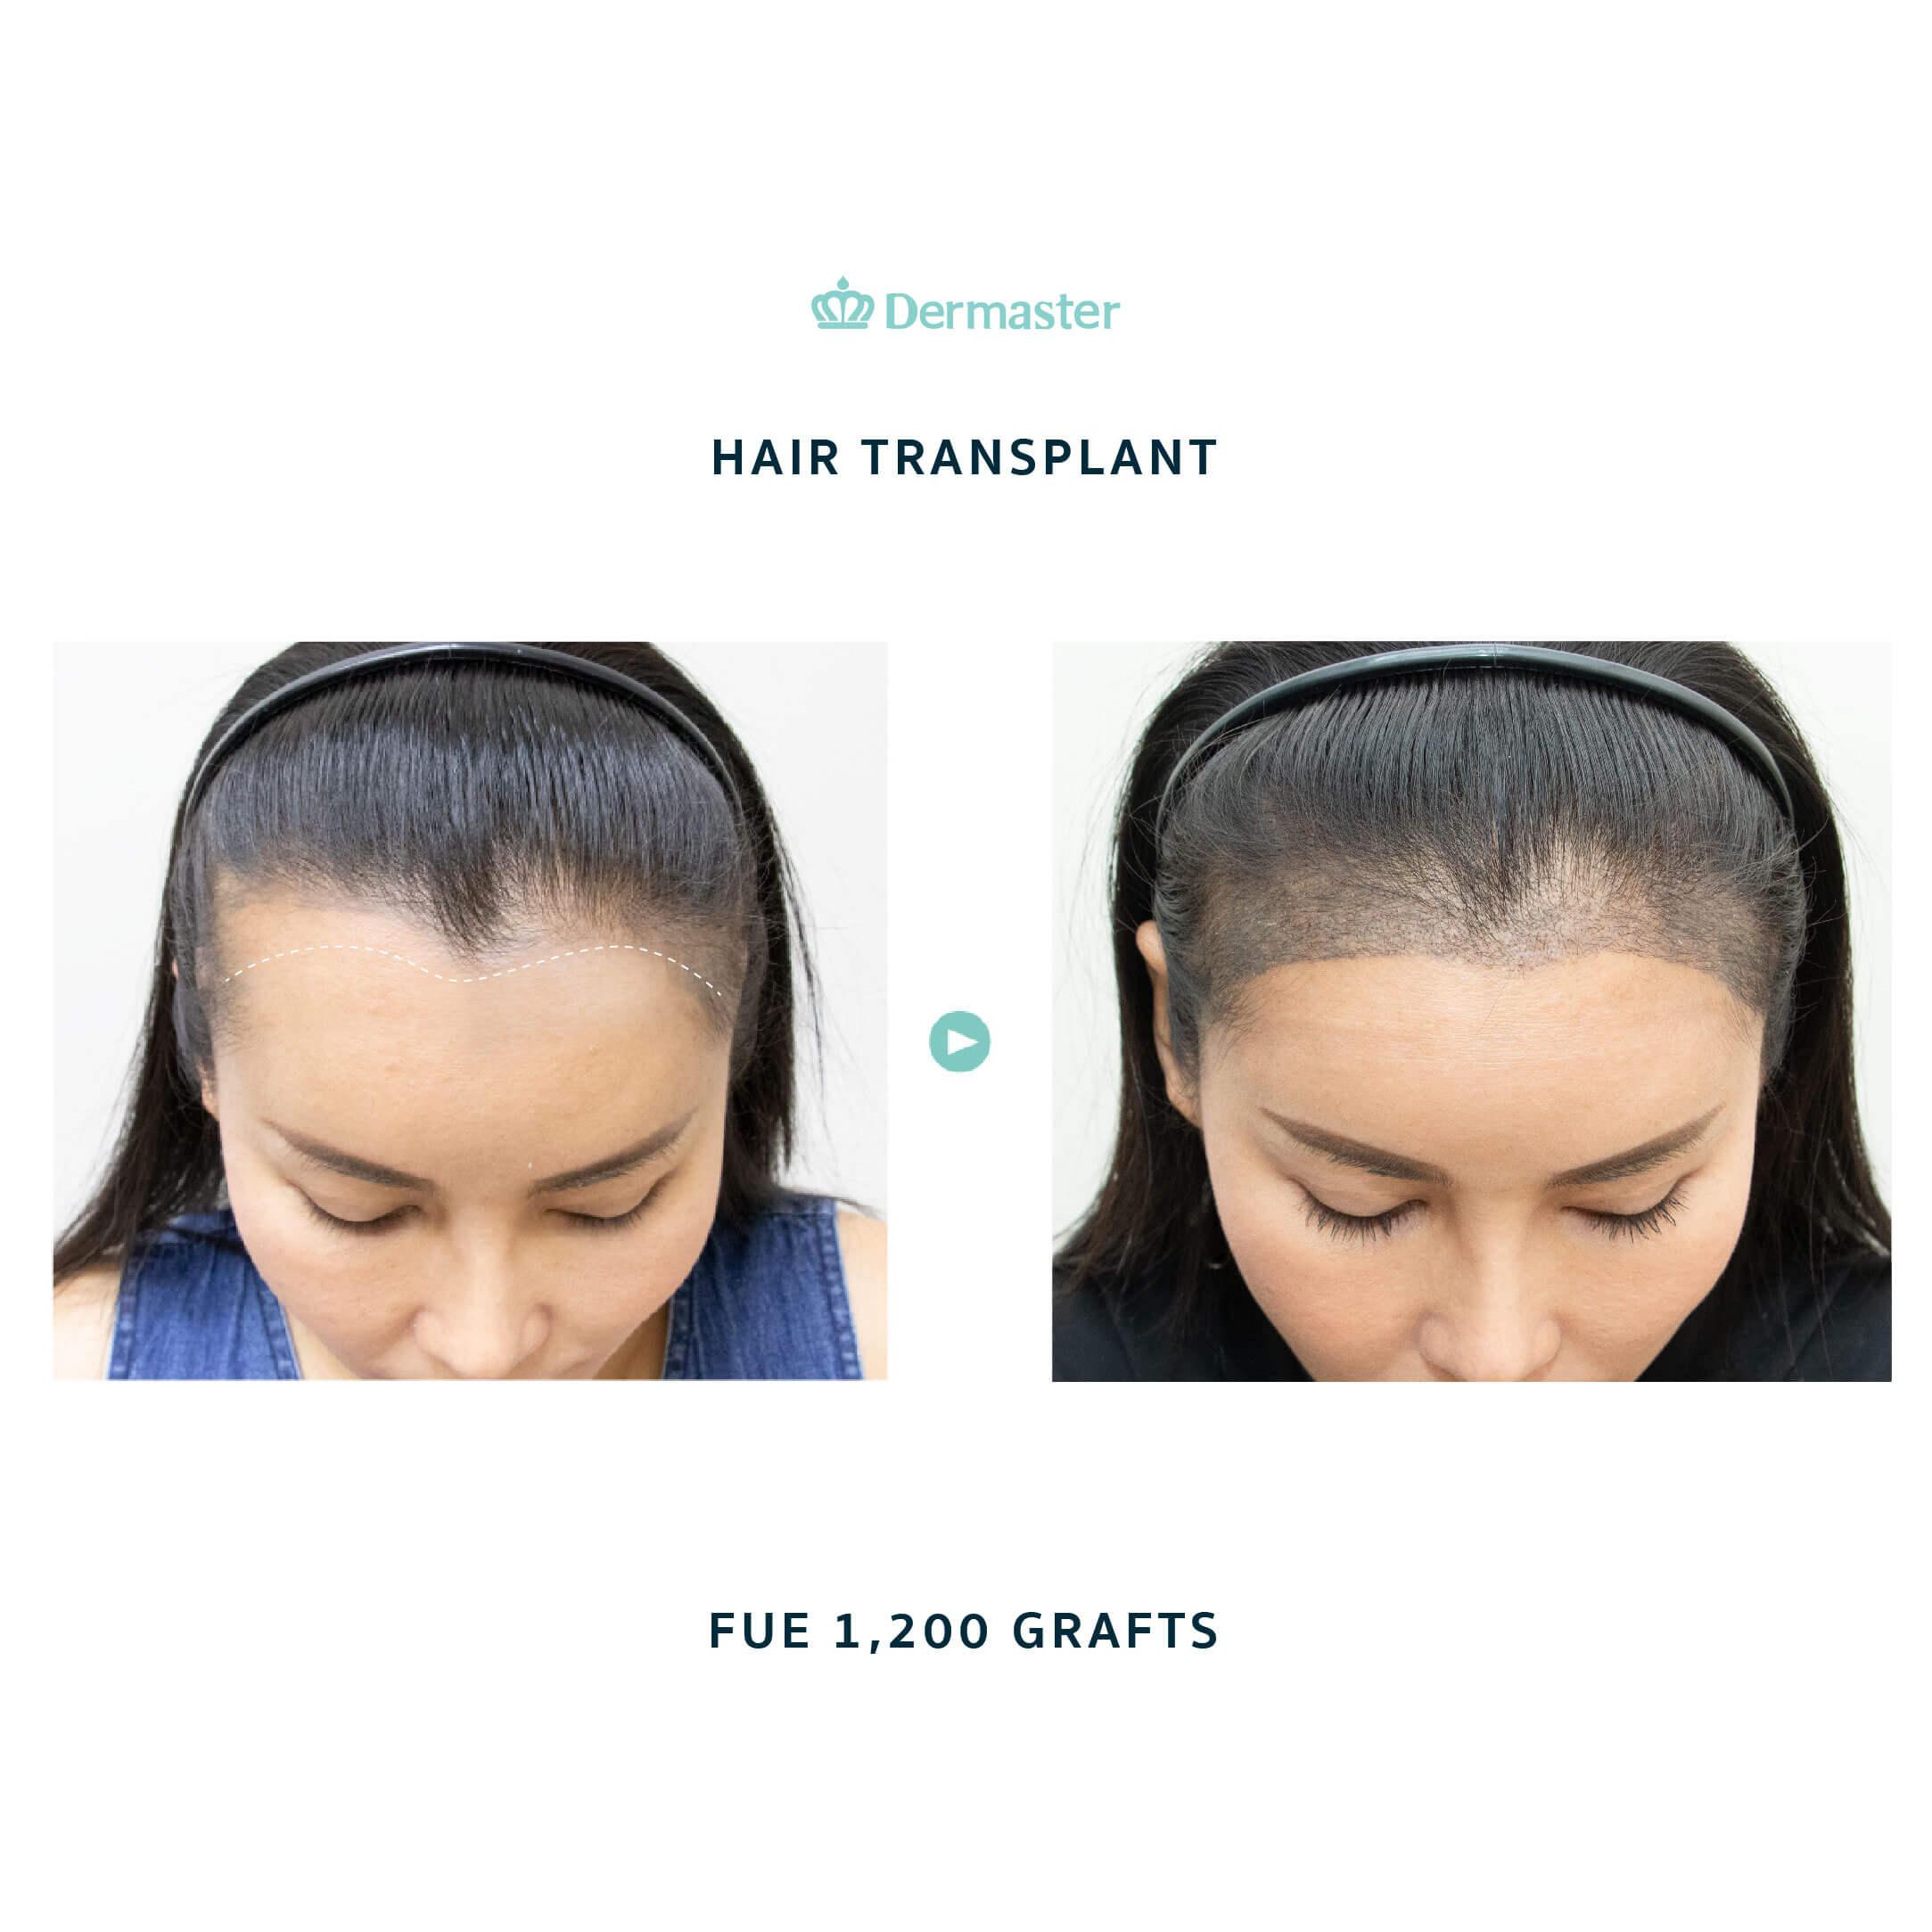 dermaster-before-hair-transplant